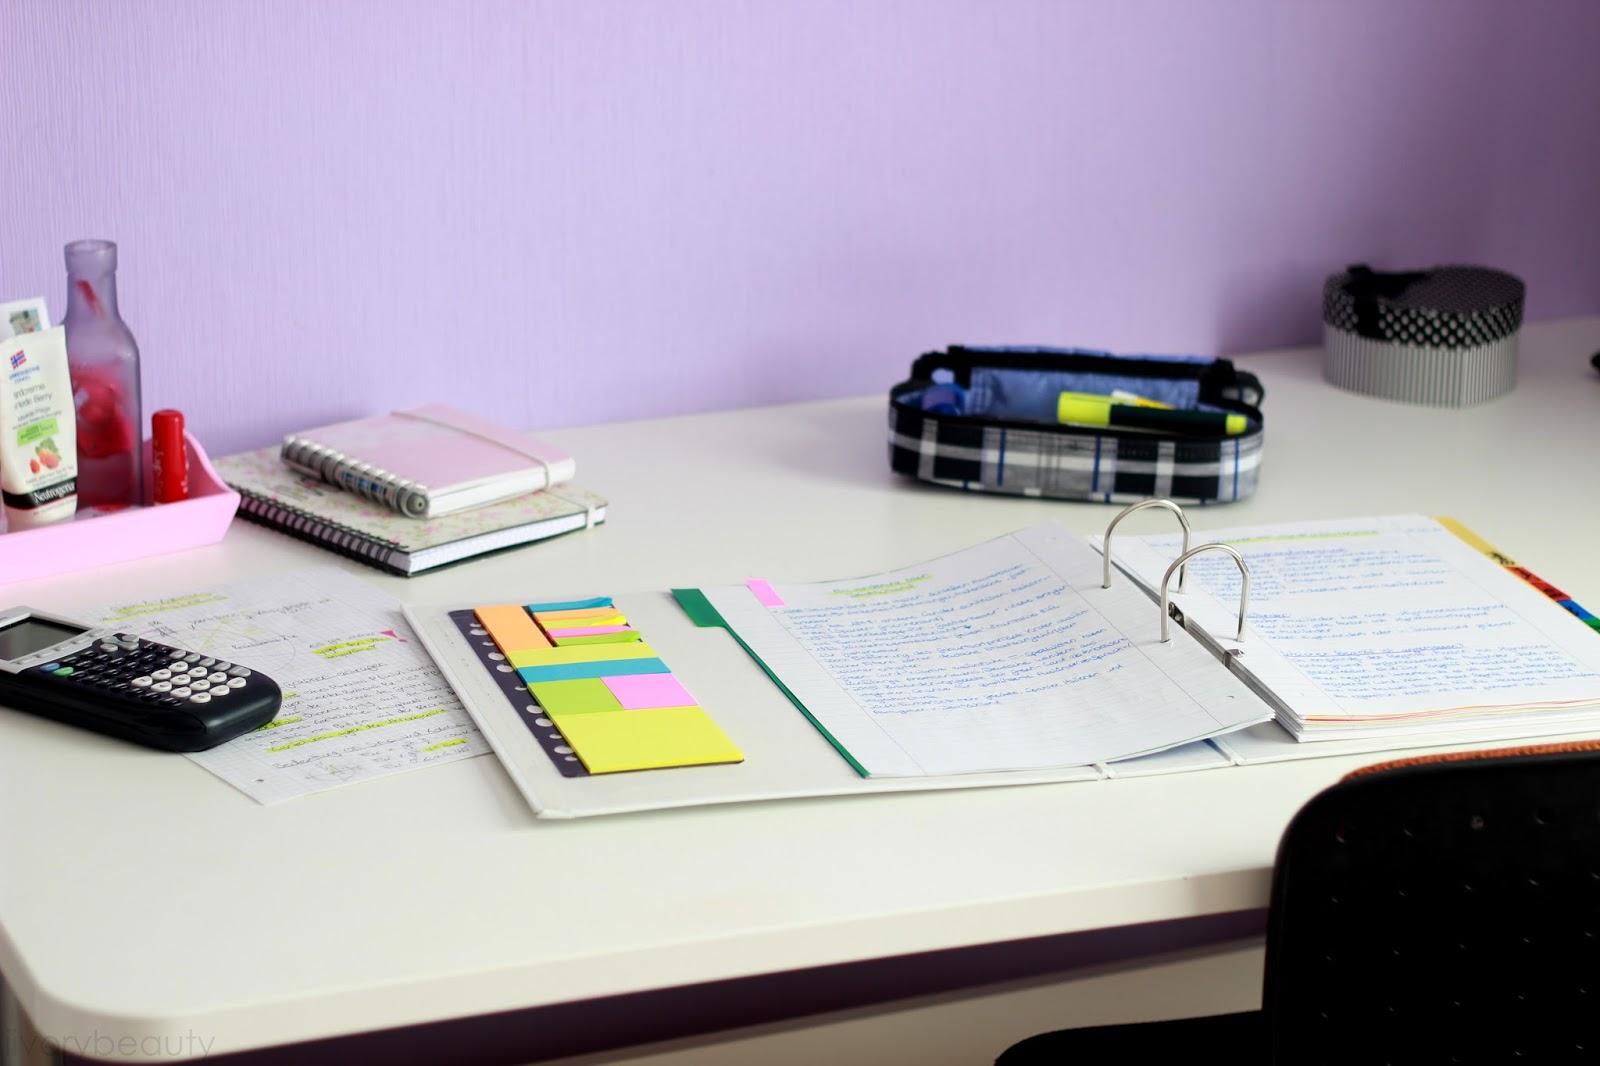 Lerntipps f r vokabeln klausuren tests ivory beauty for Schreibtisch 1 80 m